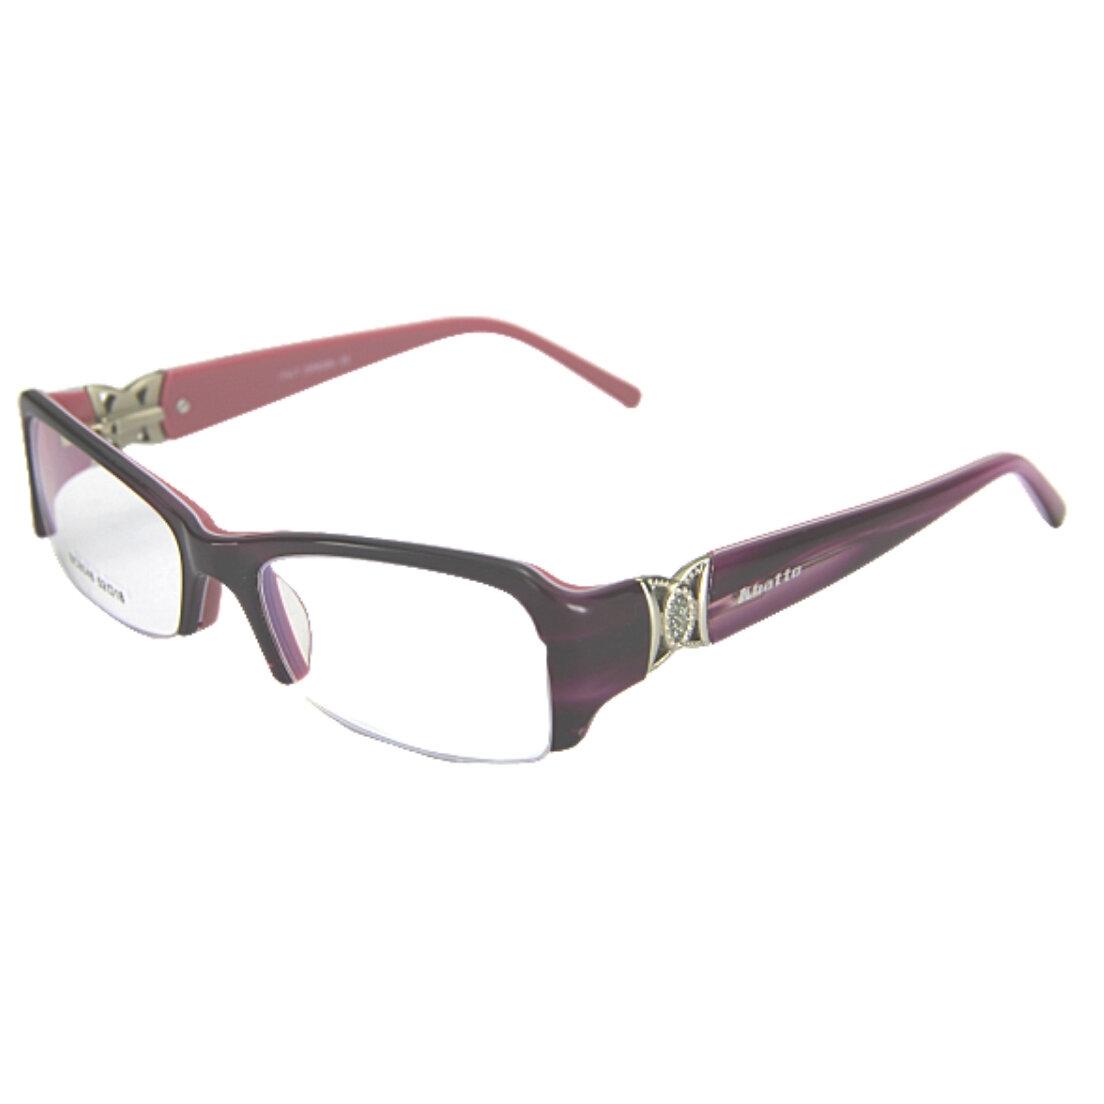 Armação de Óculos Khatto Chic Chic Feme - PU